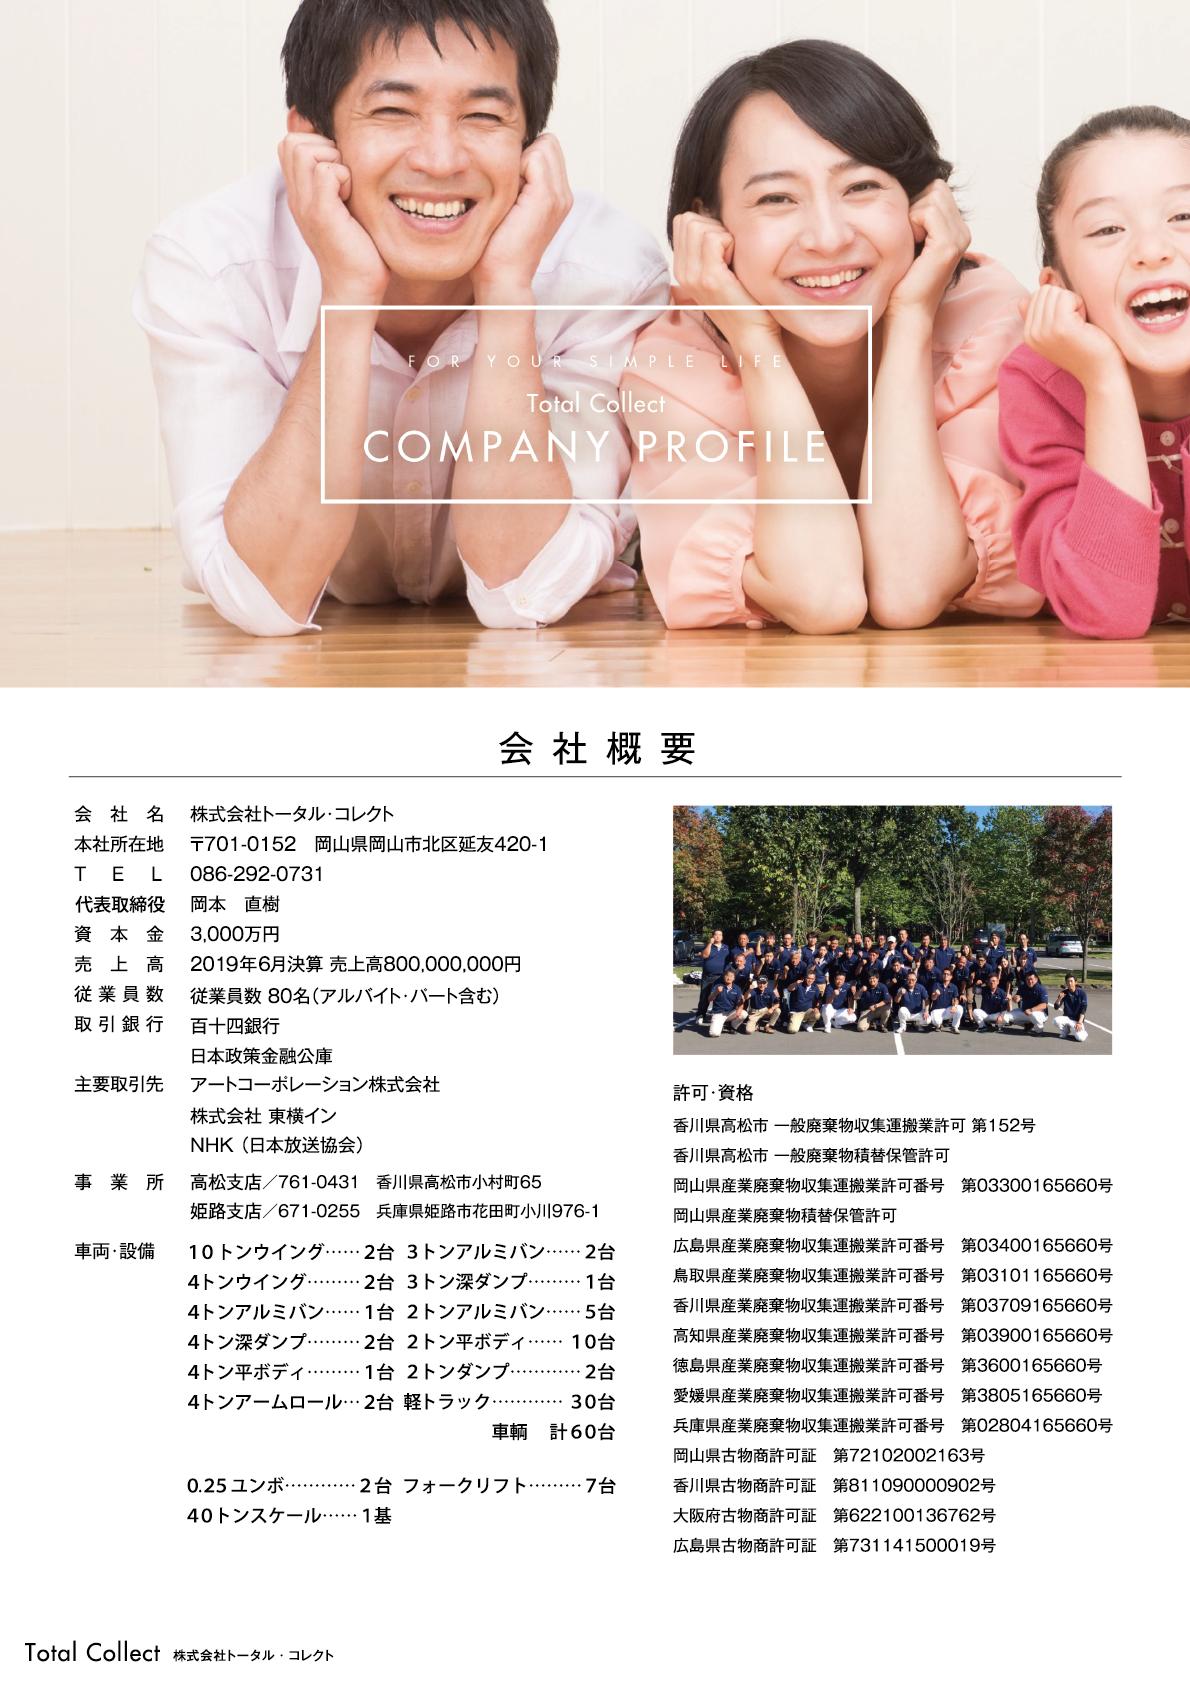 不用品回収の香川からっぽサービスを運営する株式会社トータルコレクトの会社概要パンフレット